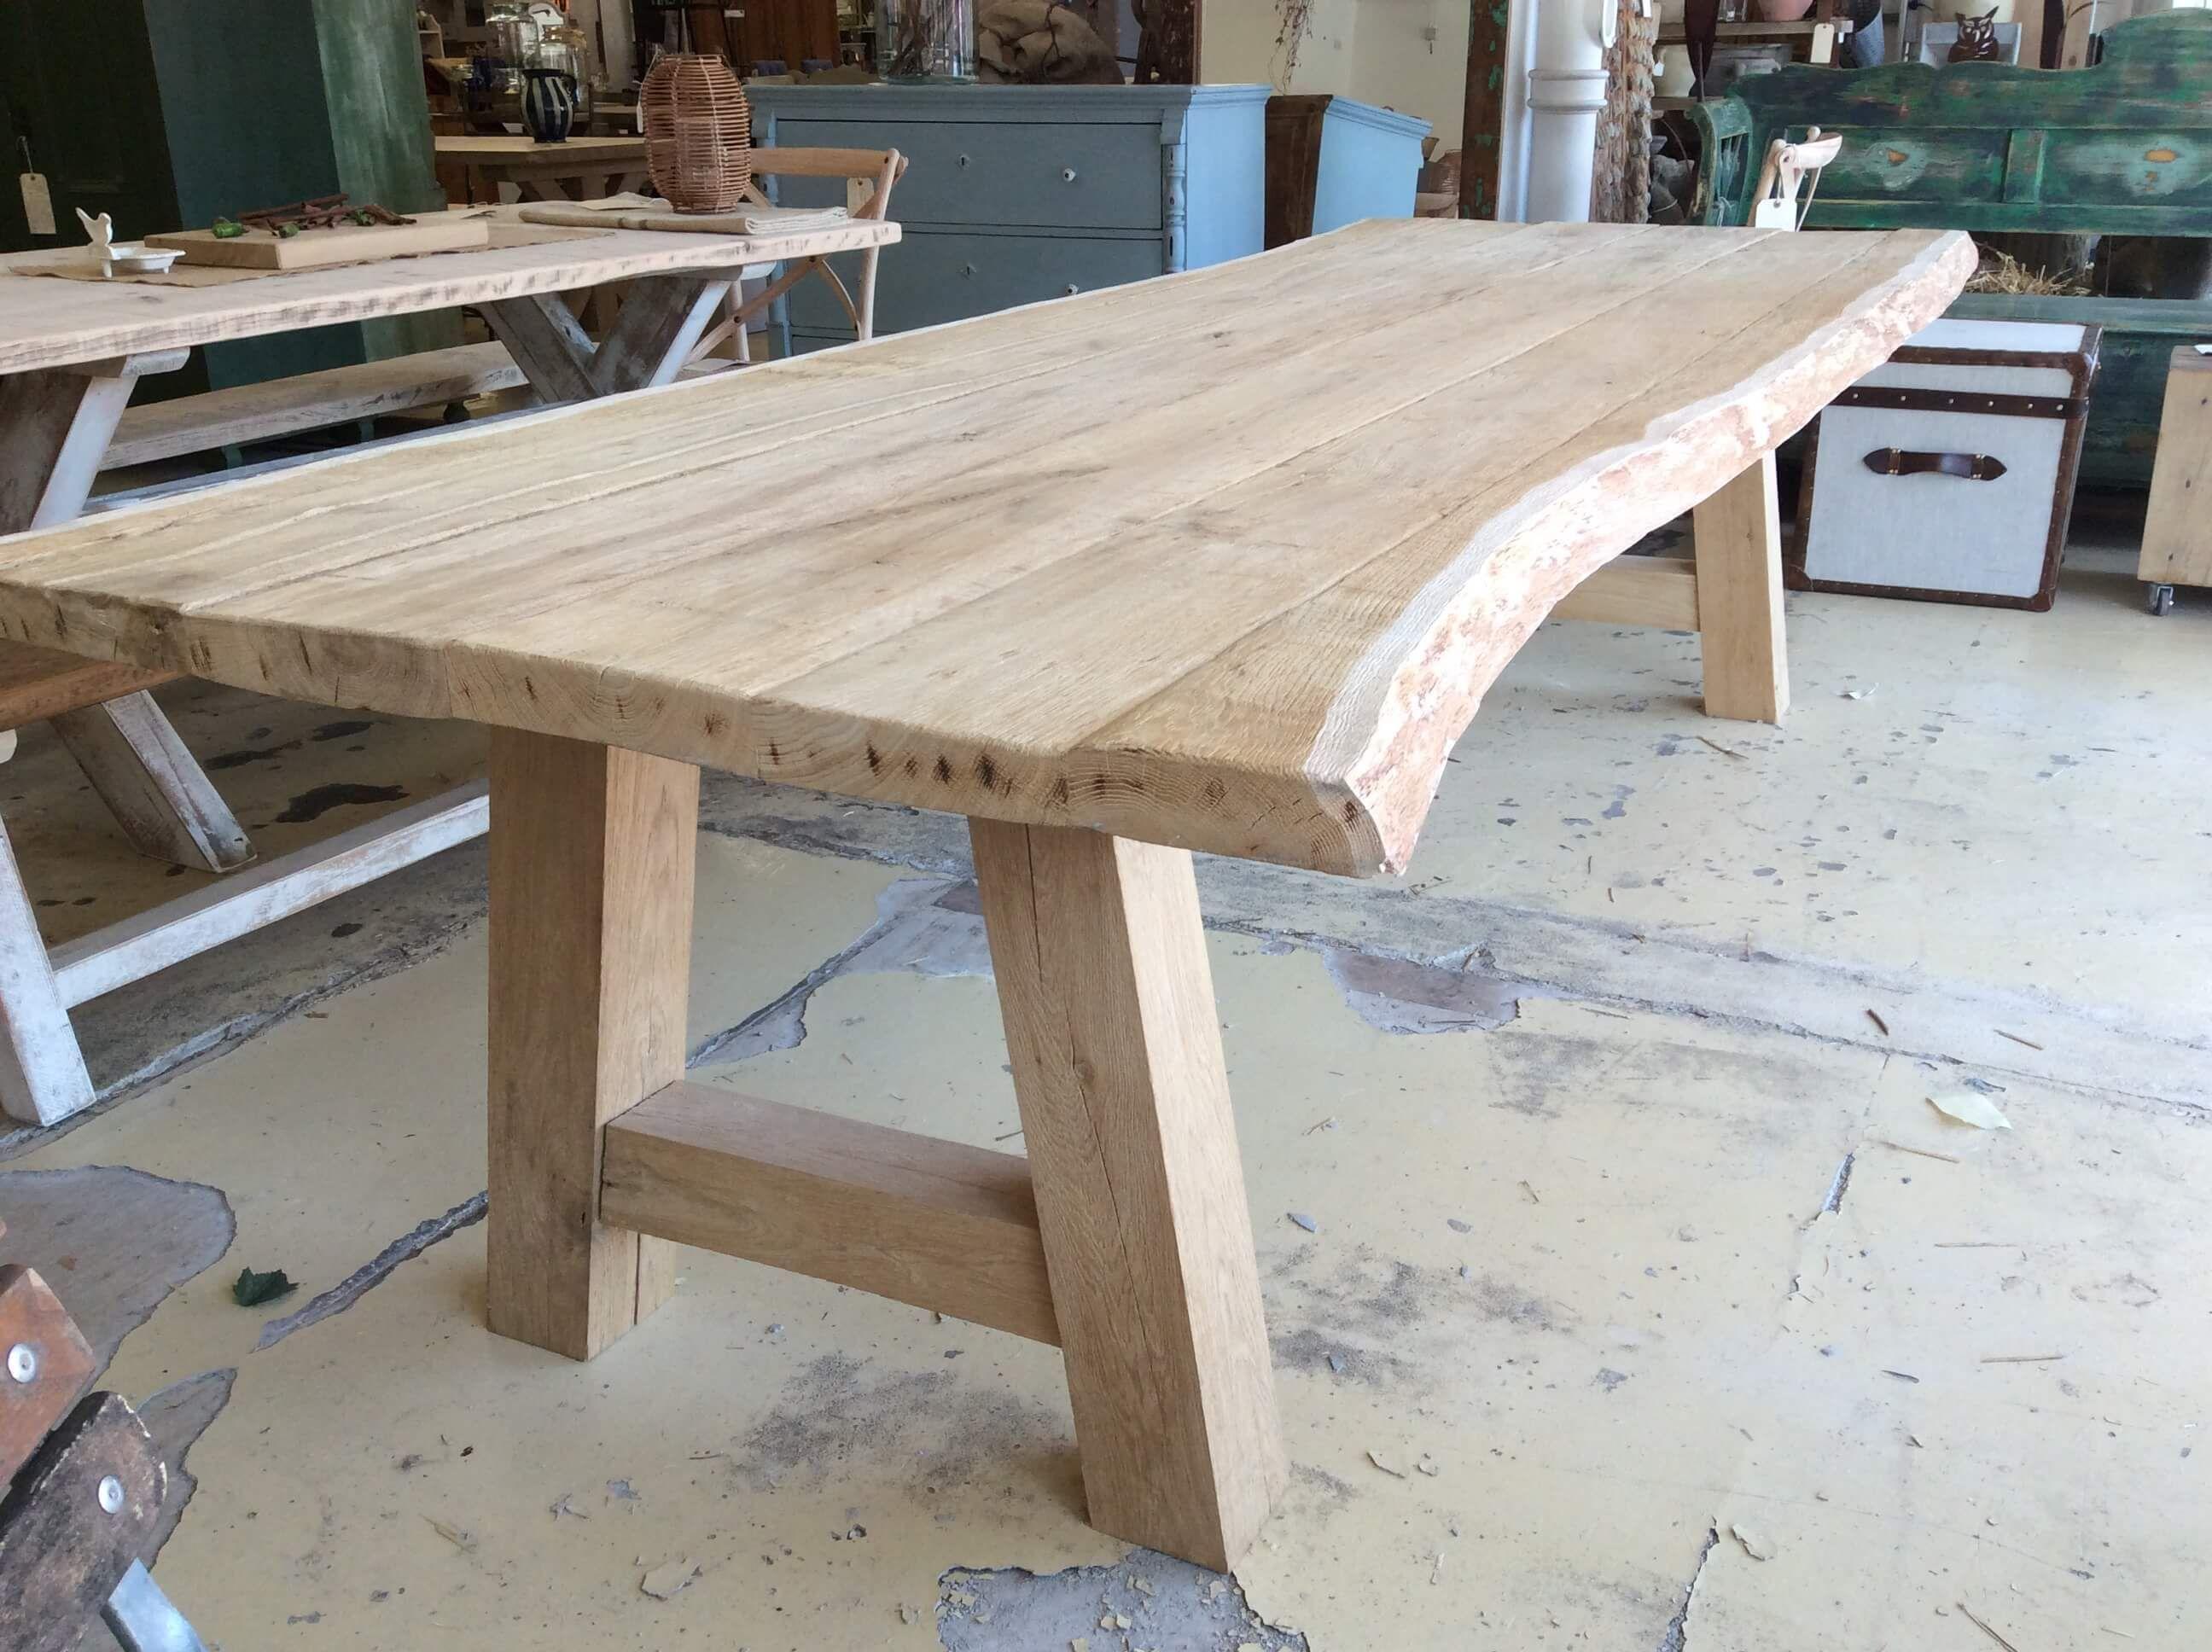 Waney Living Edge Oak Table Ark Vintage Vintage Retro Waney Living Edge Oak Table Ark Vi In 2020 Oak Table Live Edge Wood Dining Table Live Edge Oak Table